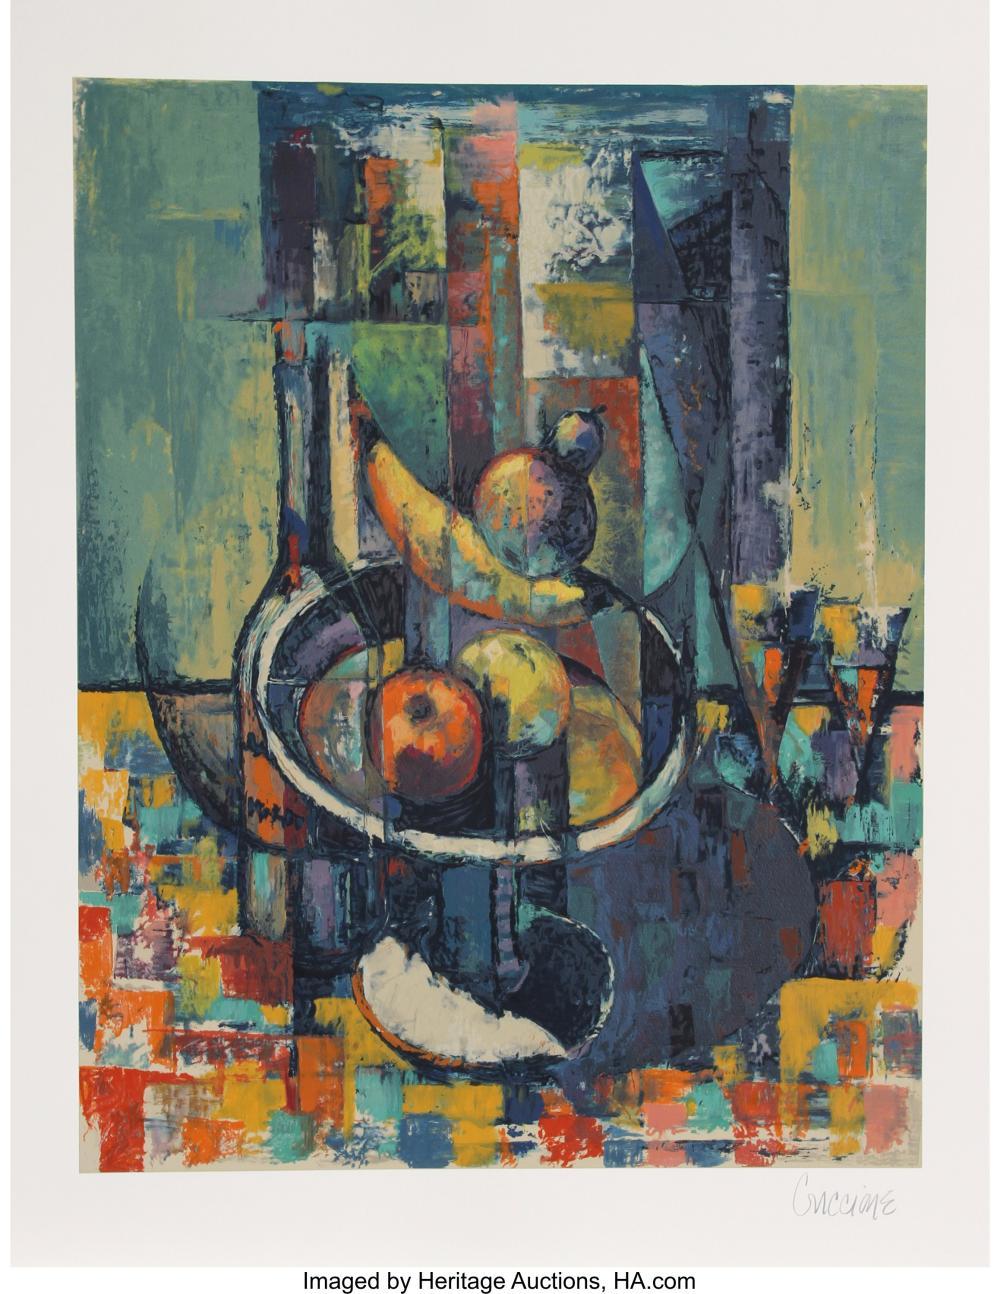 Lot 21343: Bob Guccione (1930-2010) Still Life, 1990 Lithograph in colors on Arches paper 2